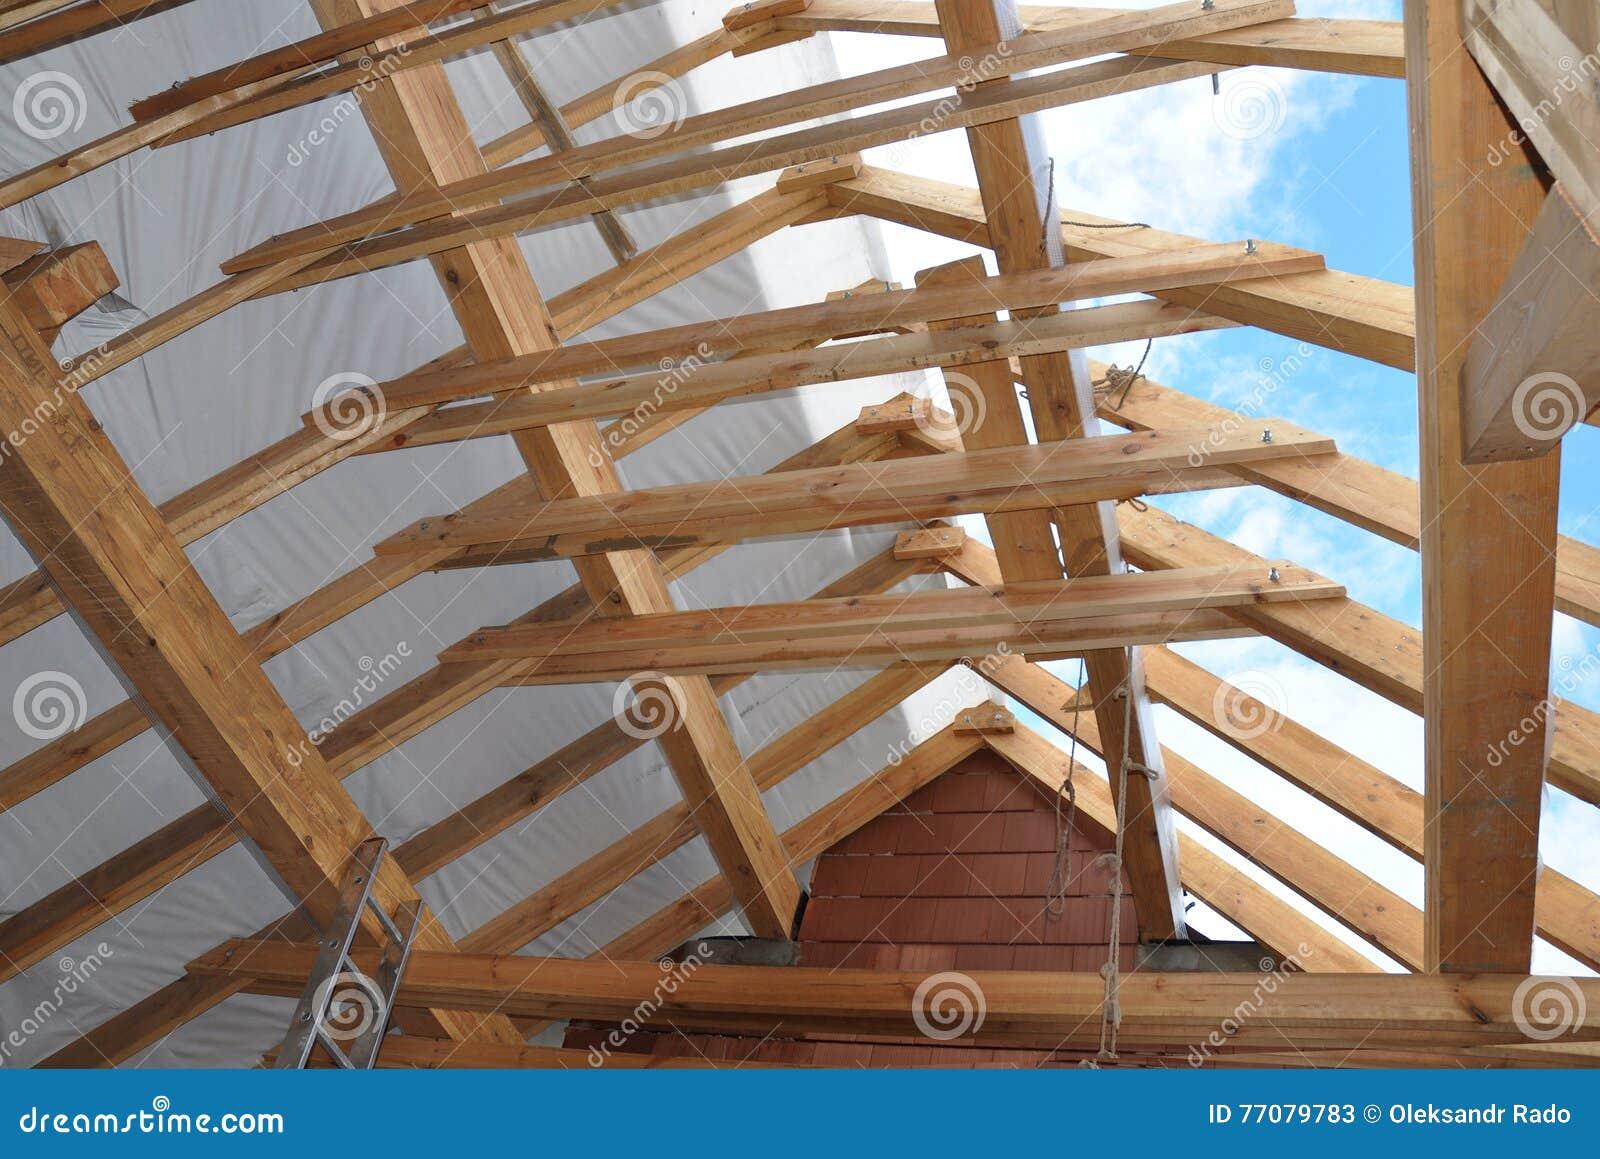 Construction de grenier construction de grenier de toiture d 39 int rieur construction en bois de Toit mansarde bardage bois